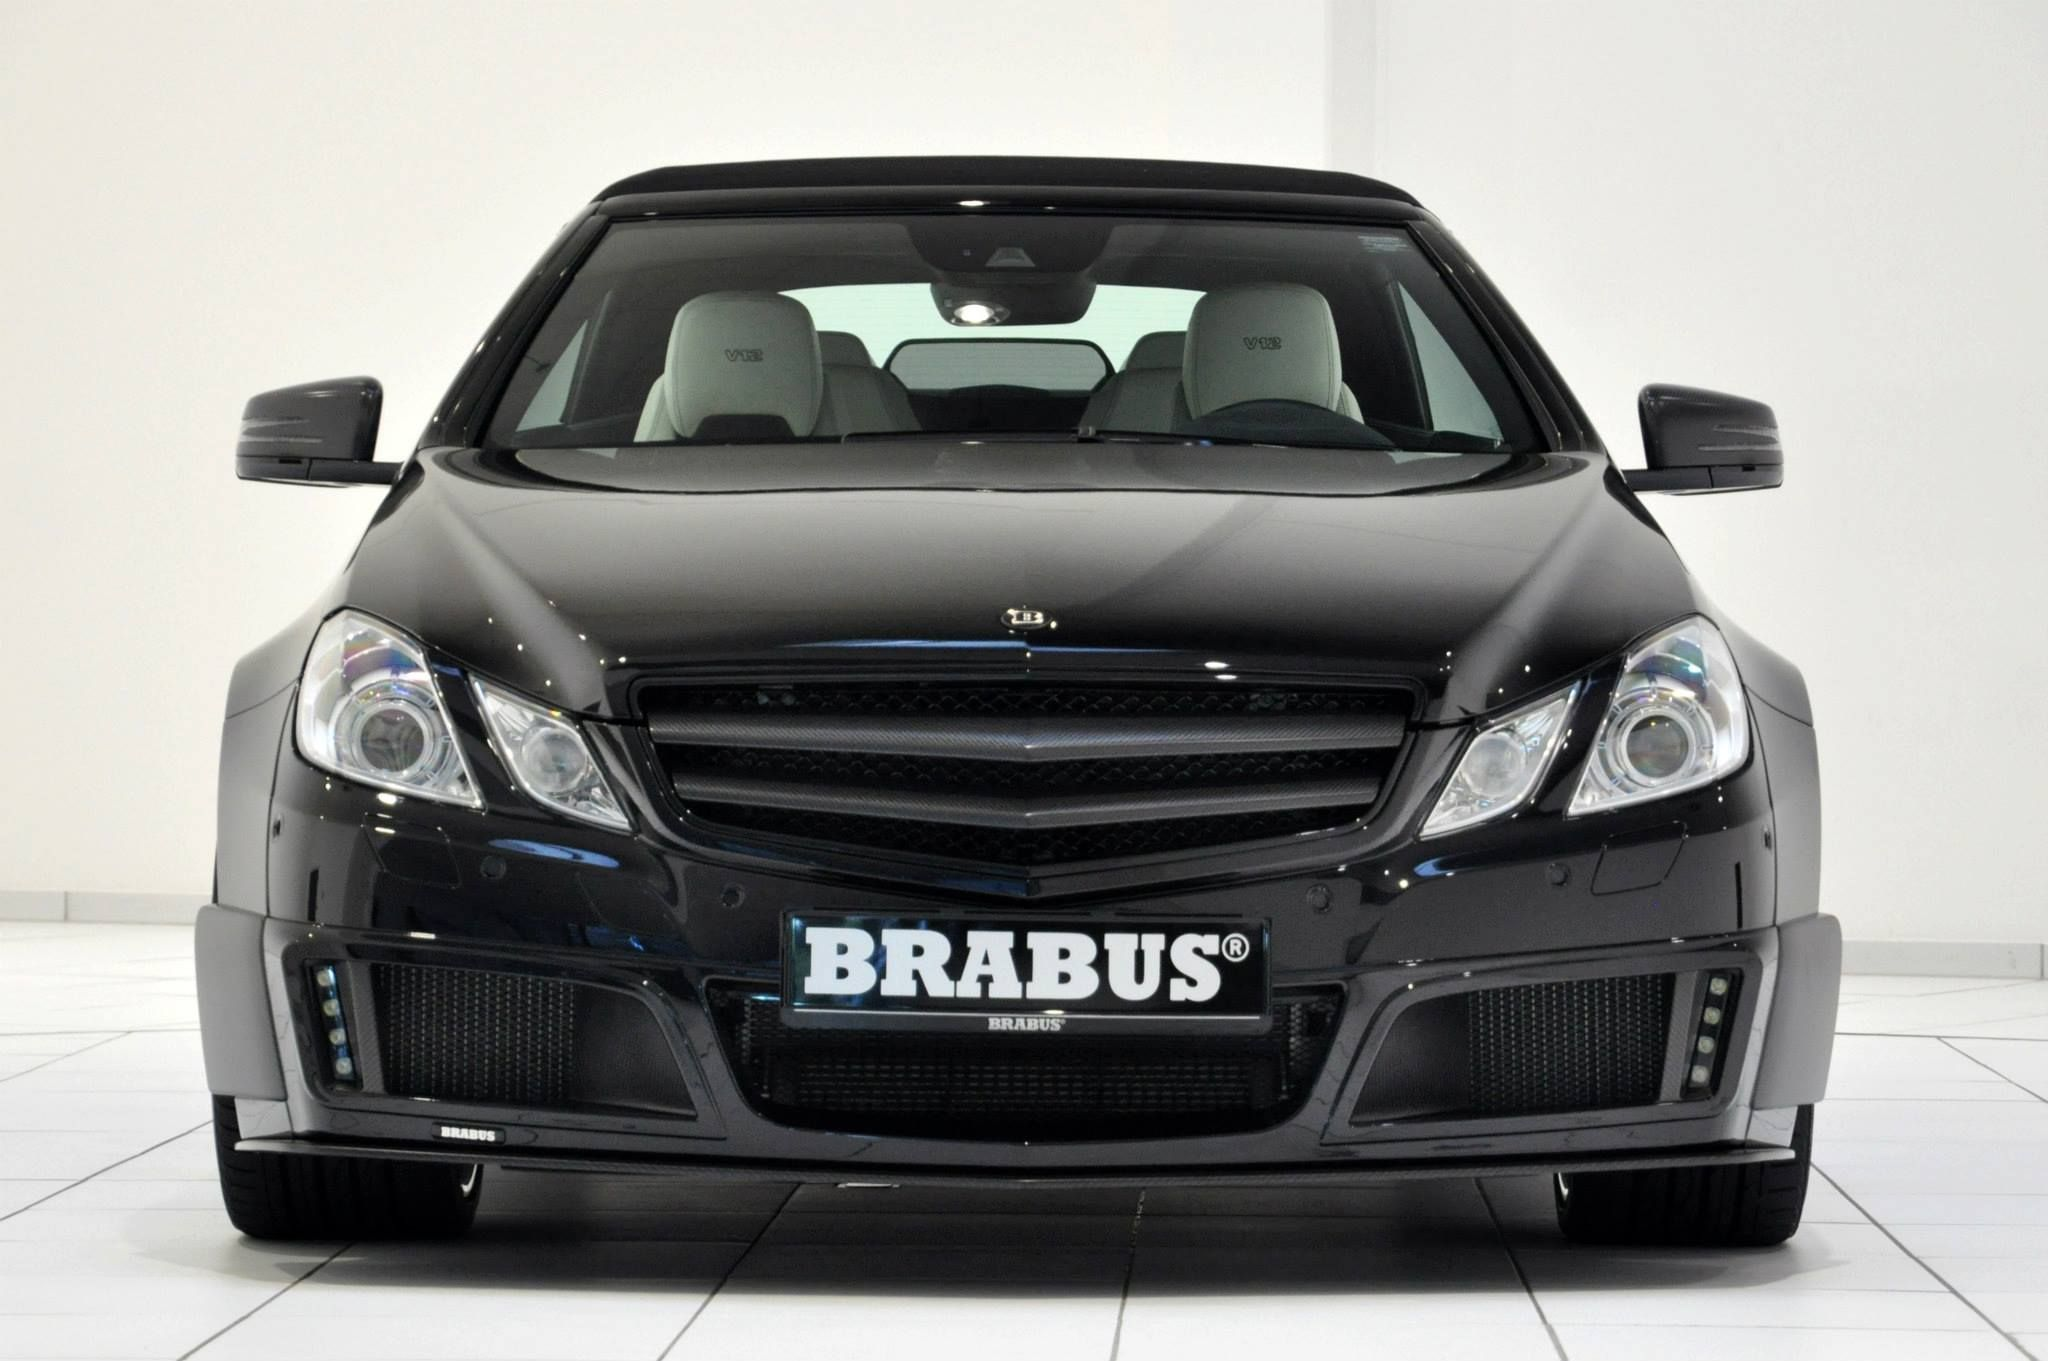 Mercedes Benz Brabus EV12 800 convertible mbhess mbcars mbtuning